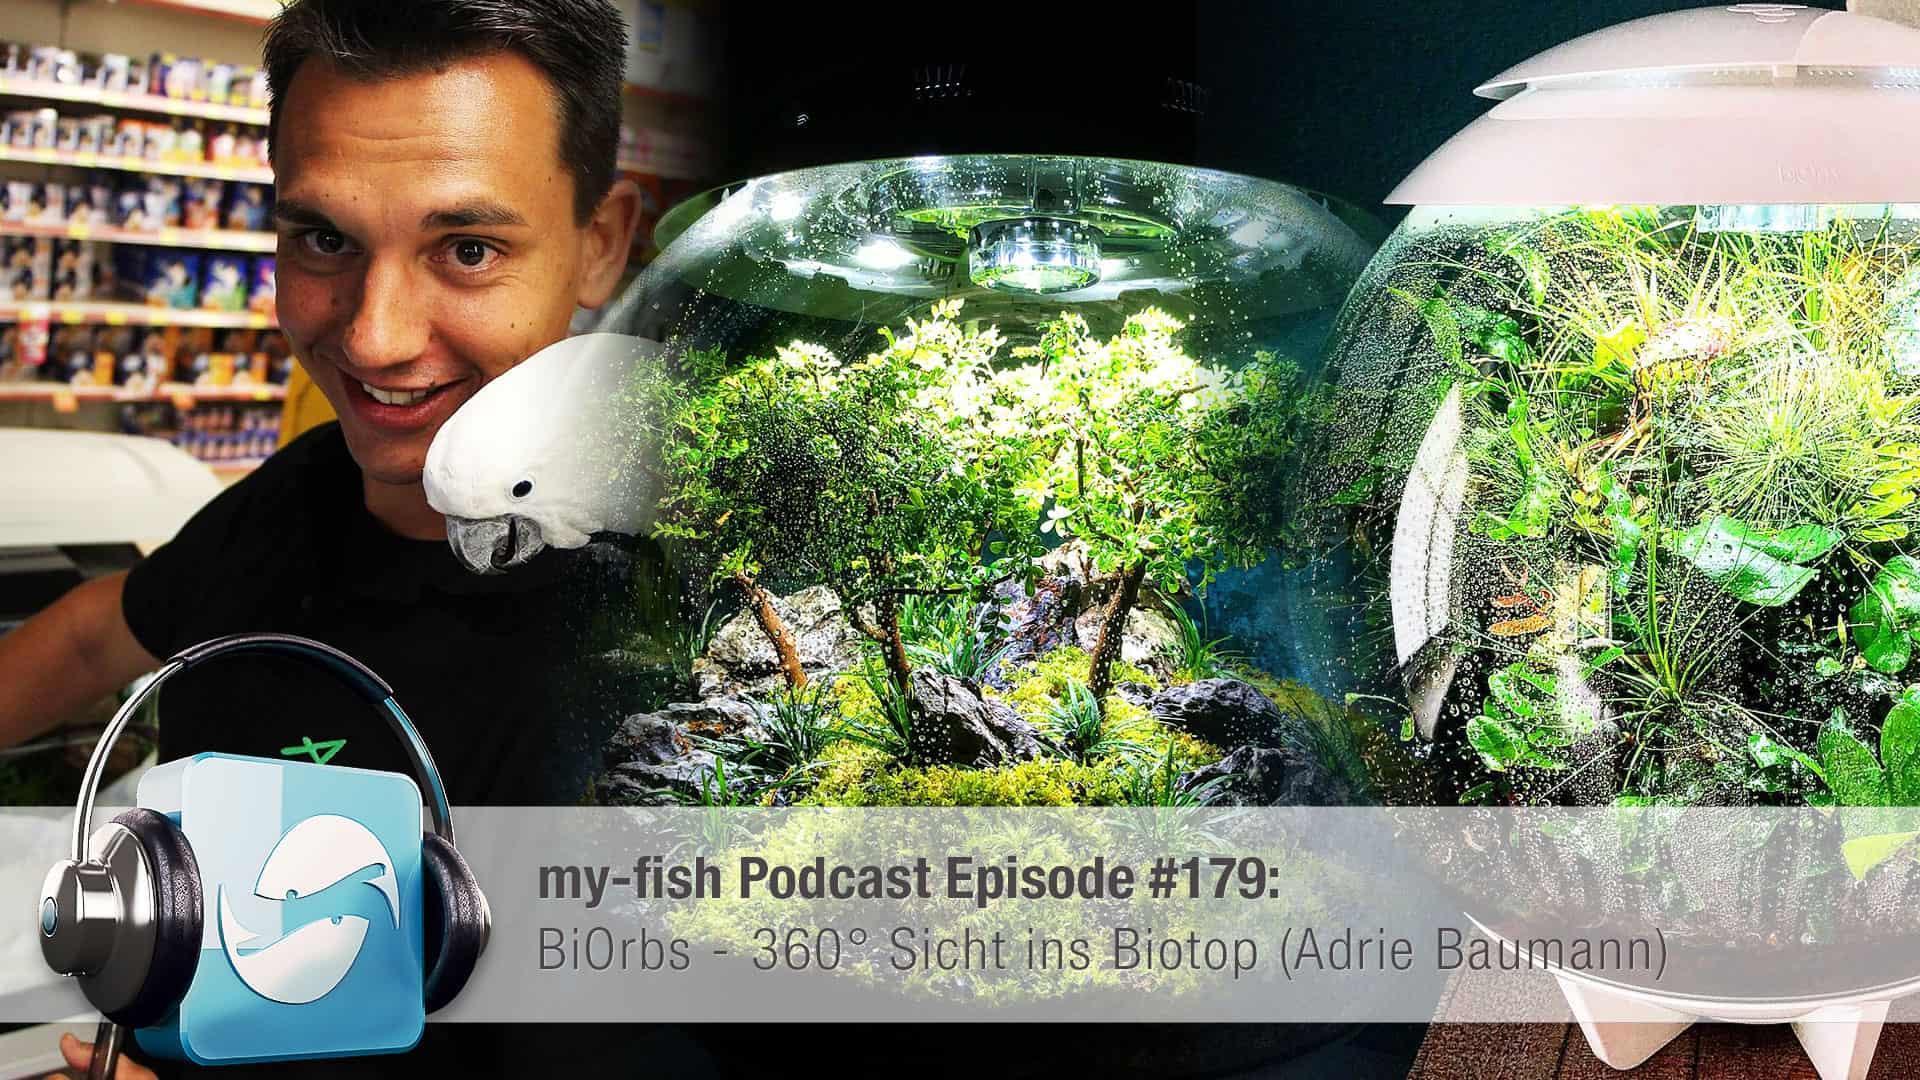 Podcast Episode #179: BiOrbs - 360° Sicht ins Biotop (Adrie Baumann) 1